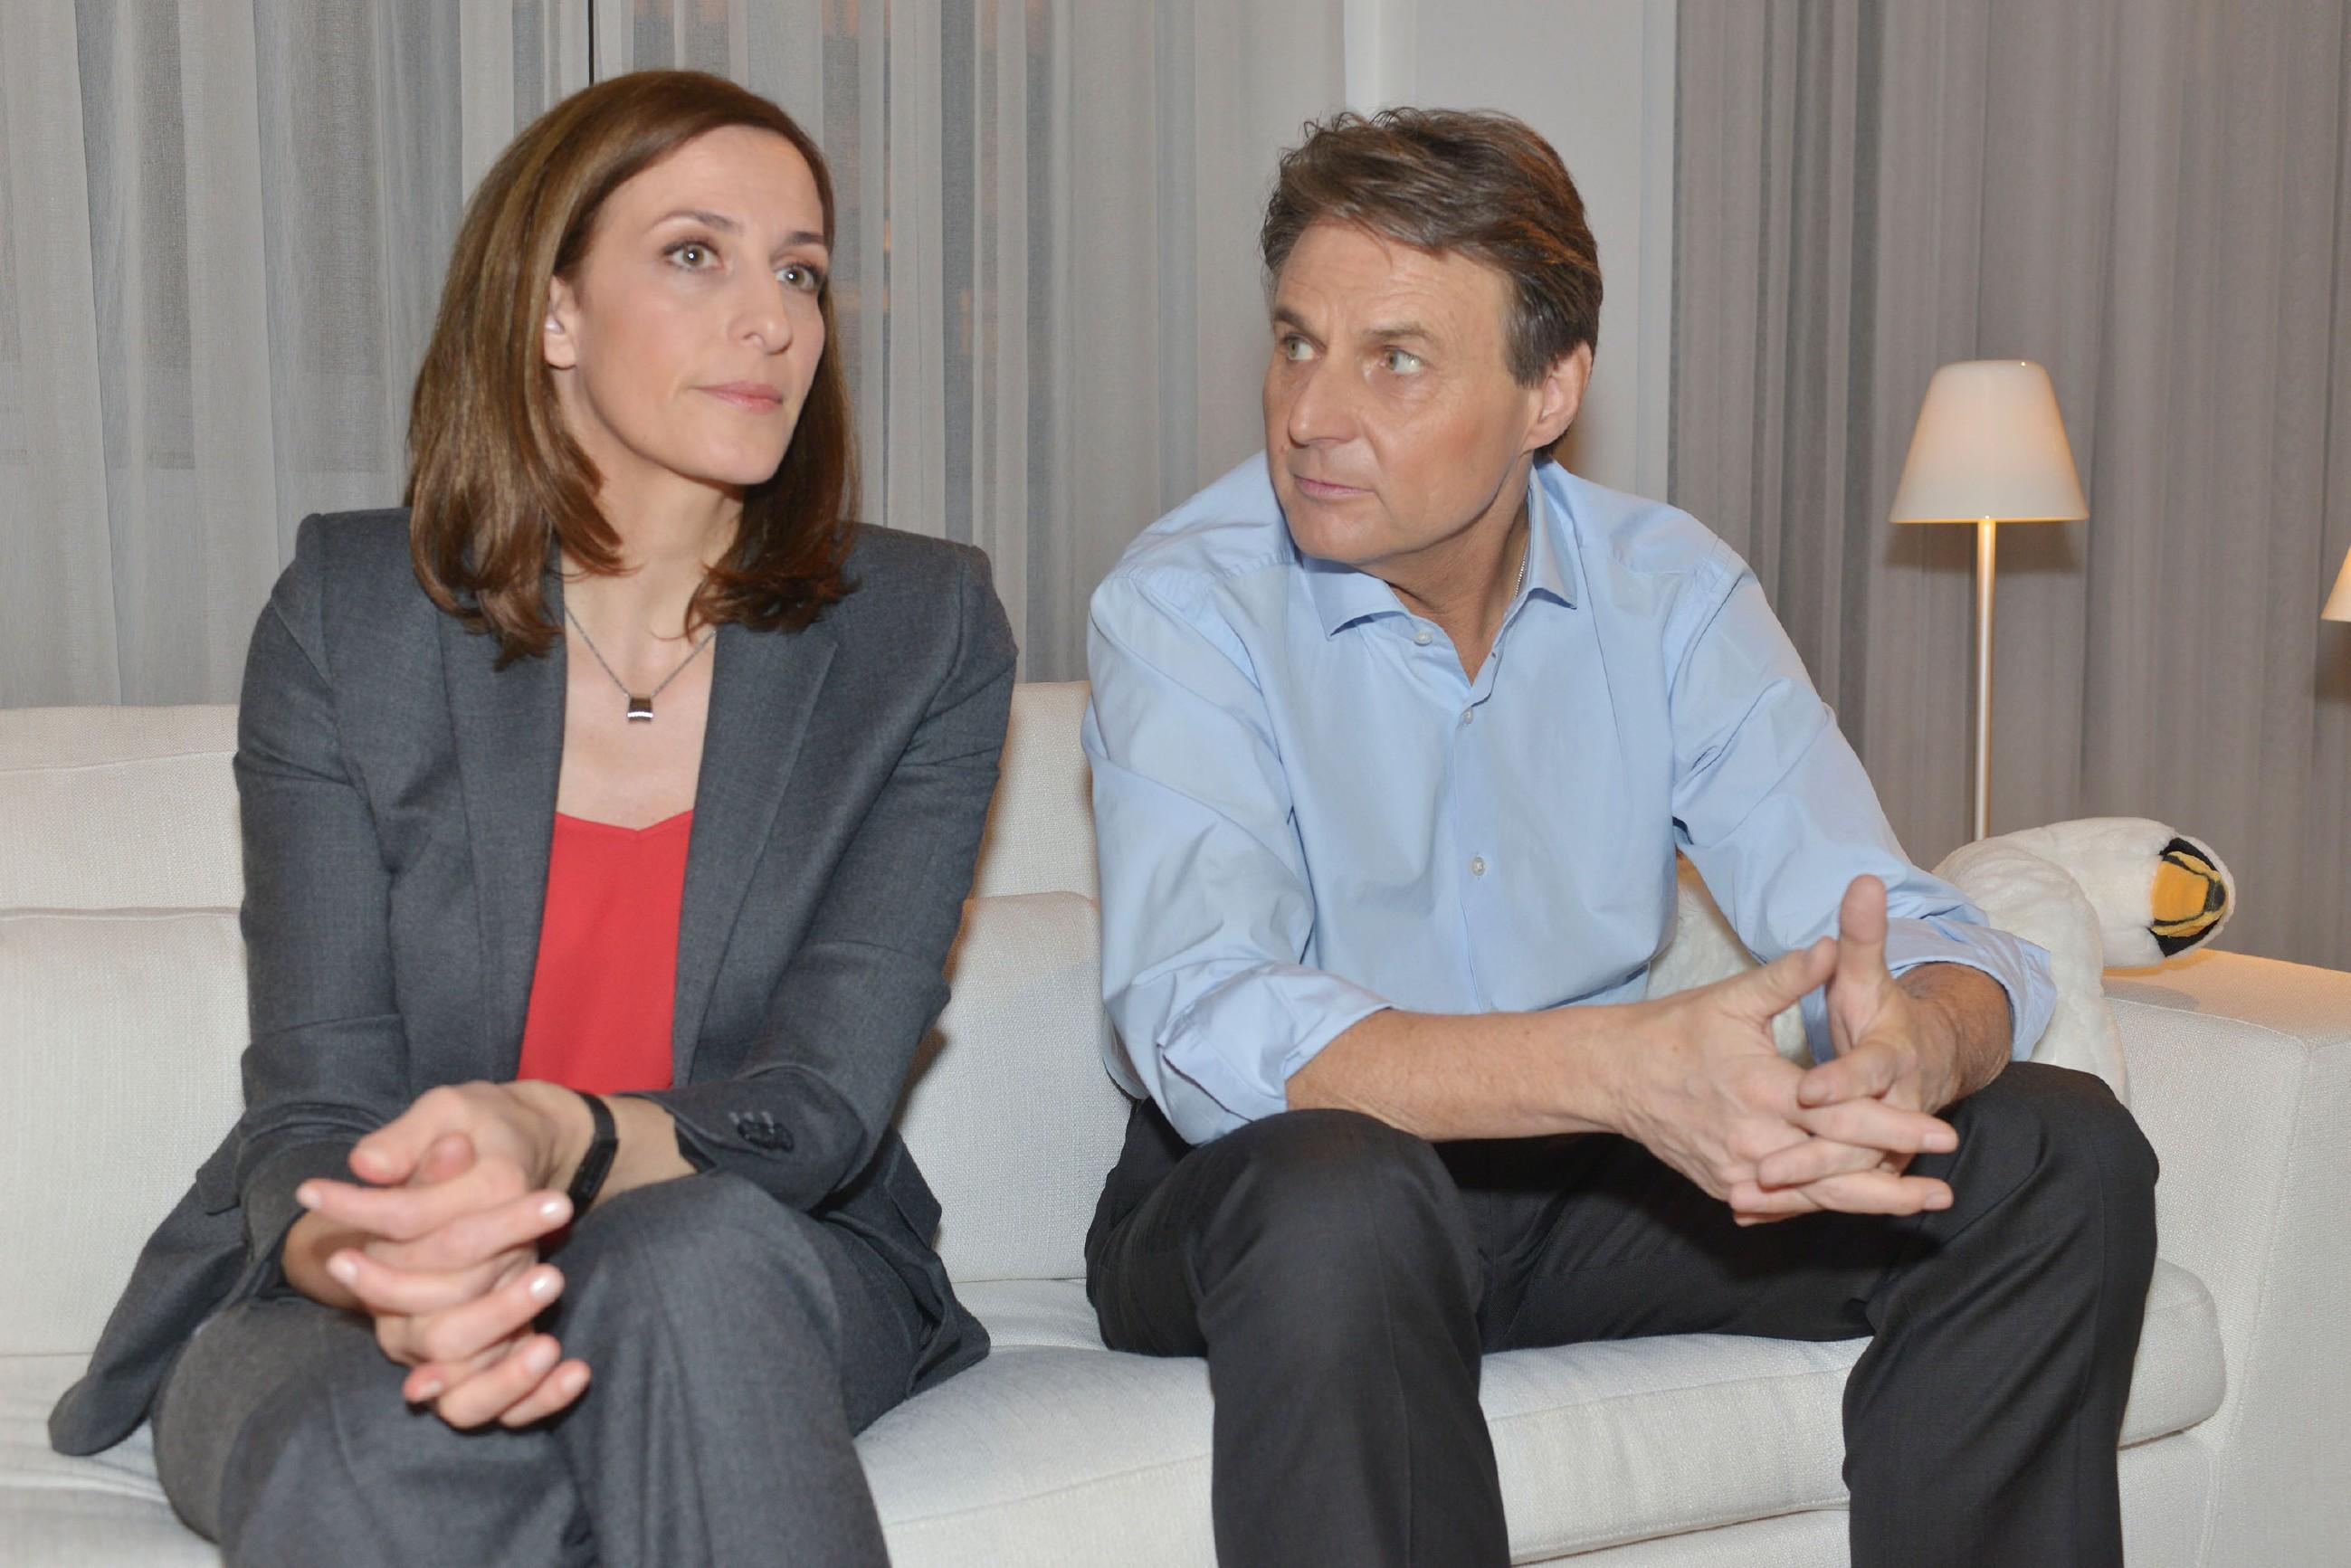 Katrin (Ulrike Frank) und Gerner (Wolfgang Bahro) überlegen, wie sie Marens Ängste unter Kontrolle bekommen. Sie ahnen nicht, dass diese beschlossen hat, sich der Polizei zu stellen... (Quelle: RTL / Rolf Baumgartner)